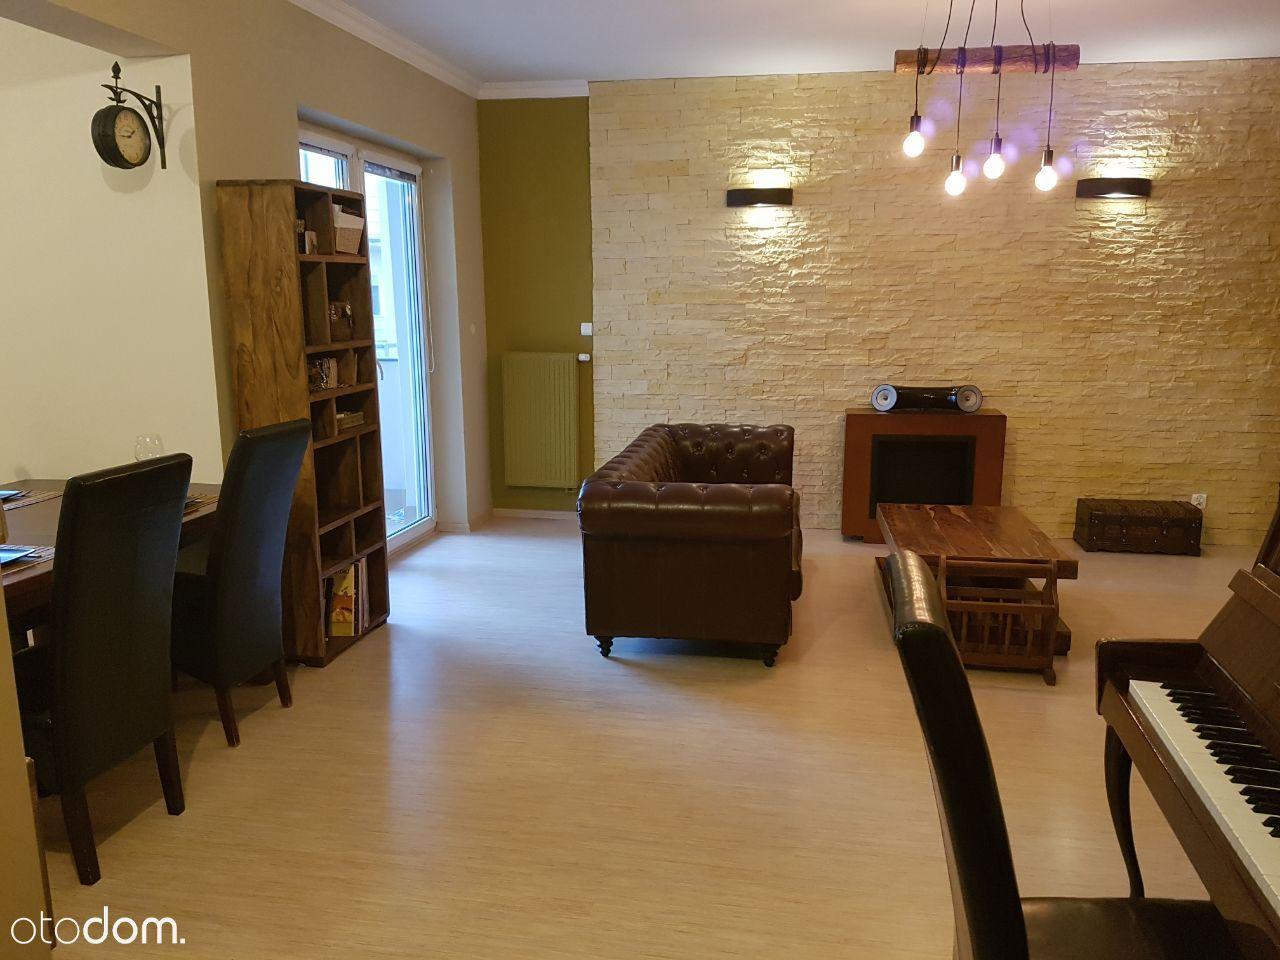 Mieszkanie 3pokojowe w Rezydencji przy Młynie